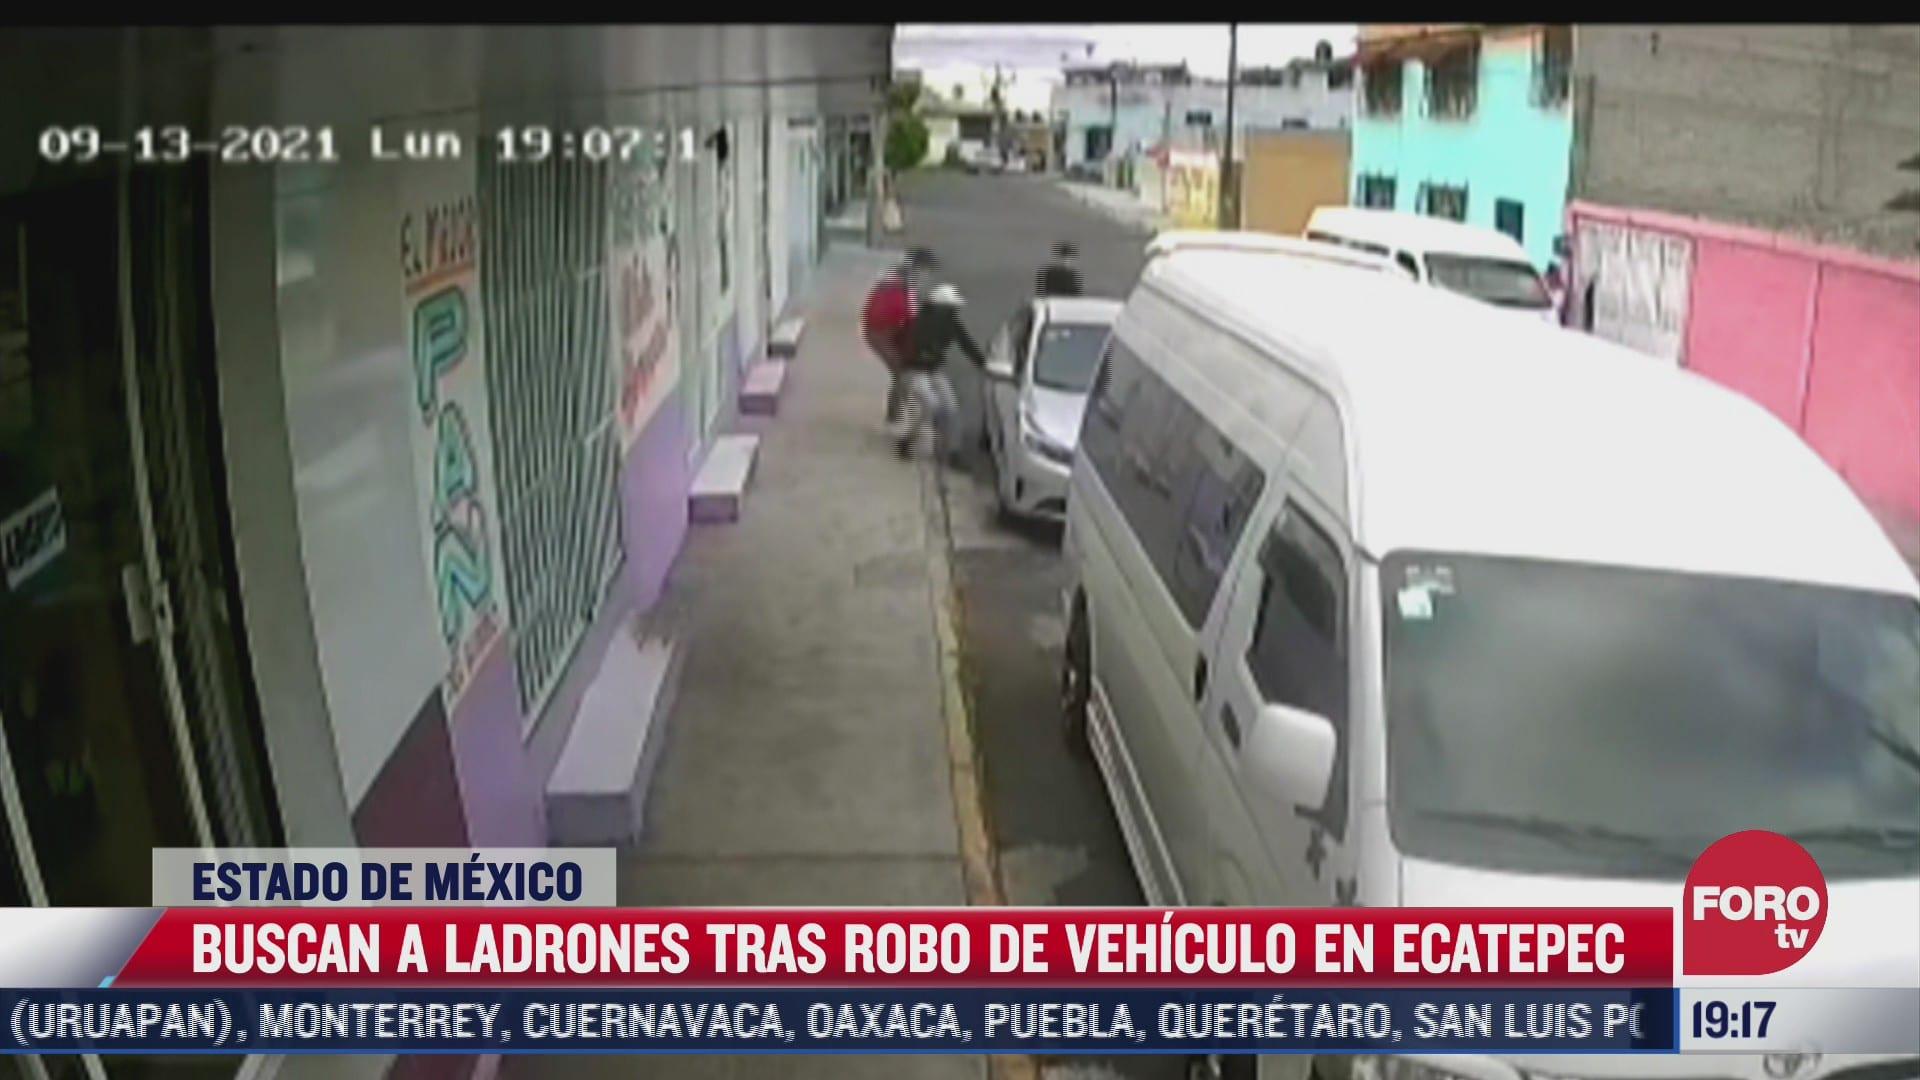 autoridades del edomex buscan a tres por robo de vehiculo en ecatepec